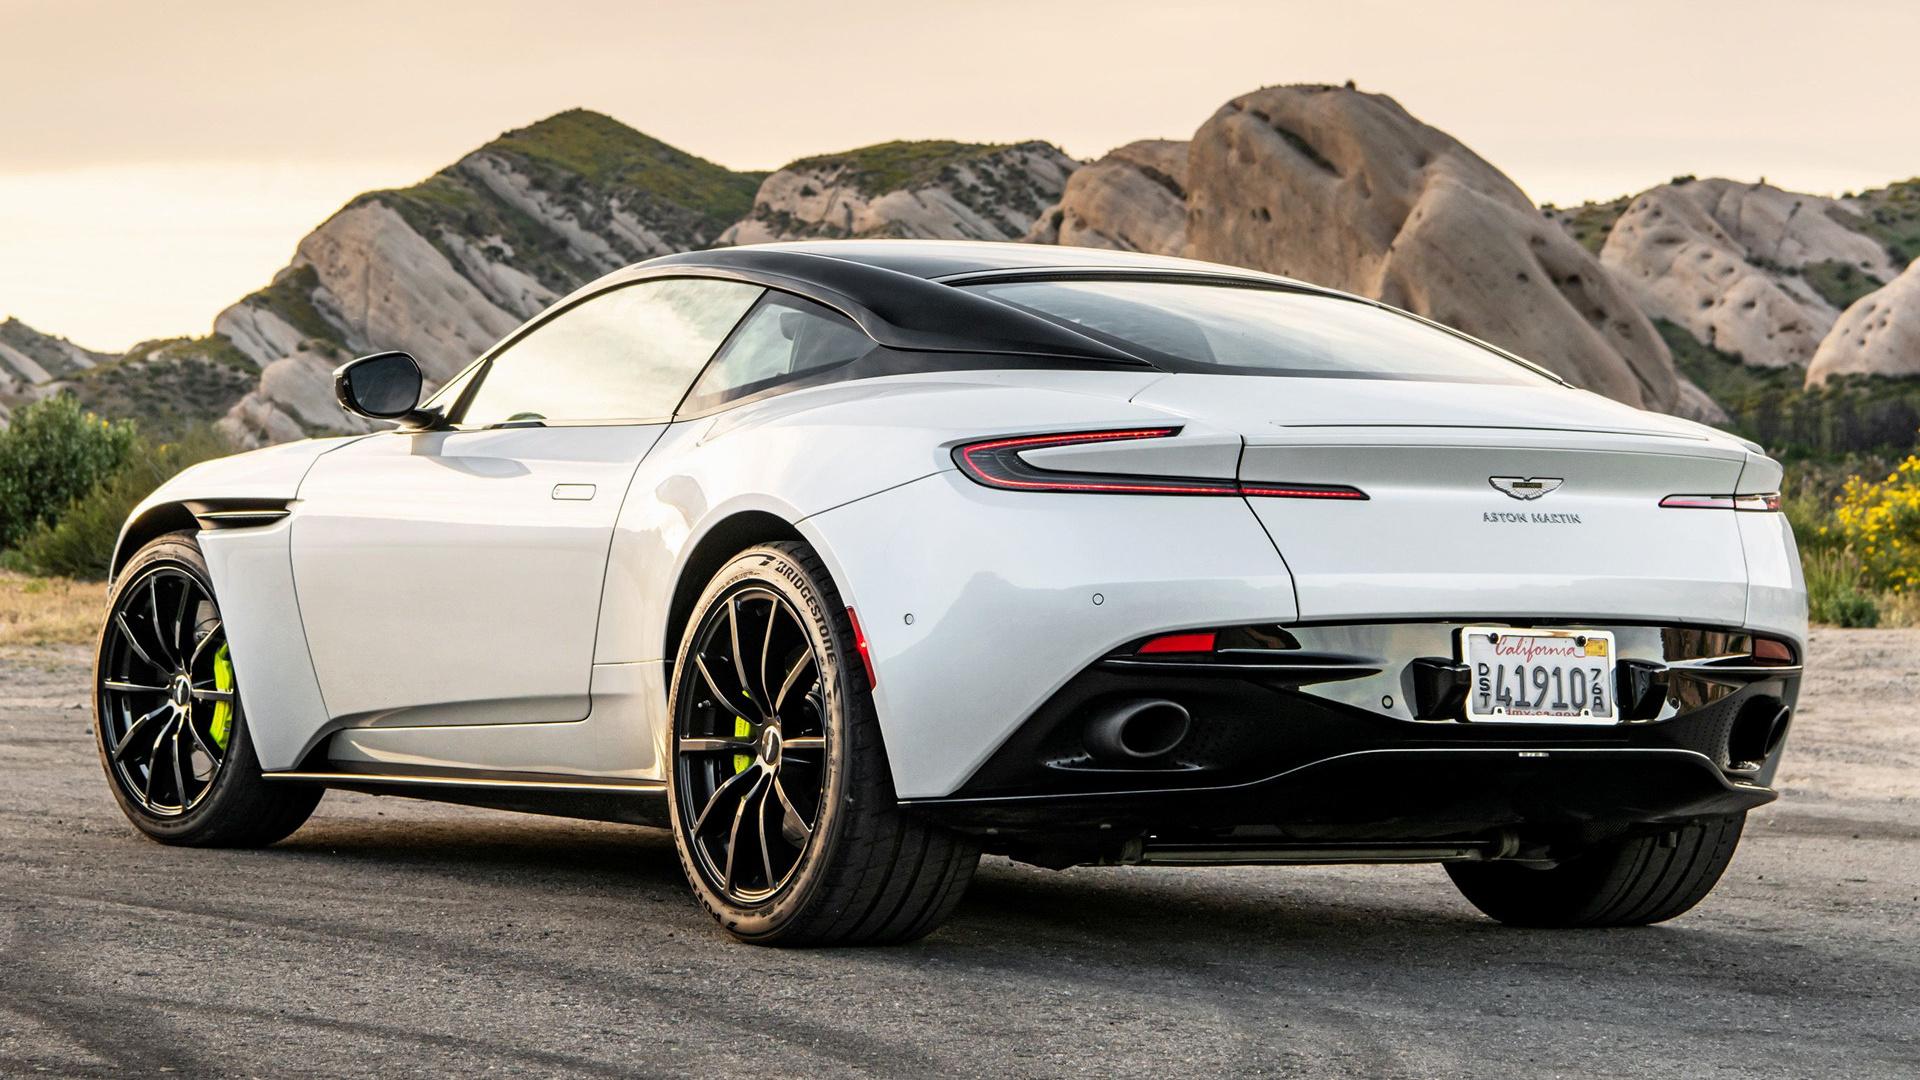 2020 Aston Martin Db11 Amr Us Hintergrundbilder Und Wallpaper In Hd Car Pixel